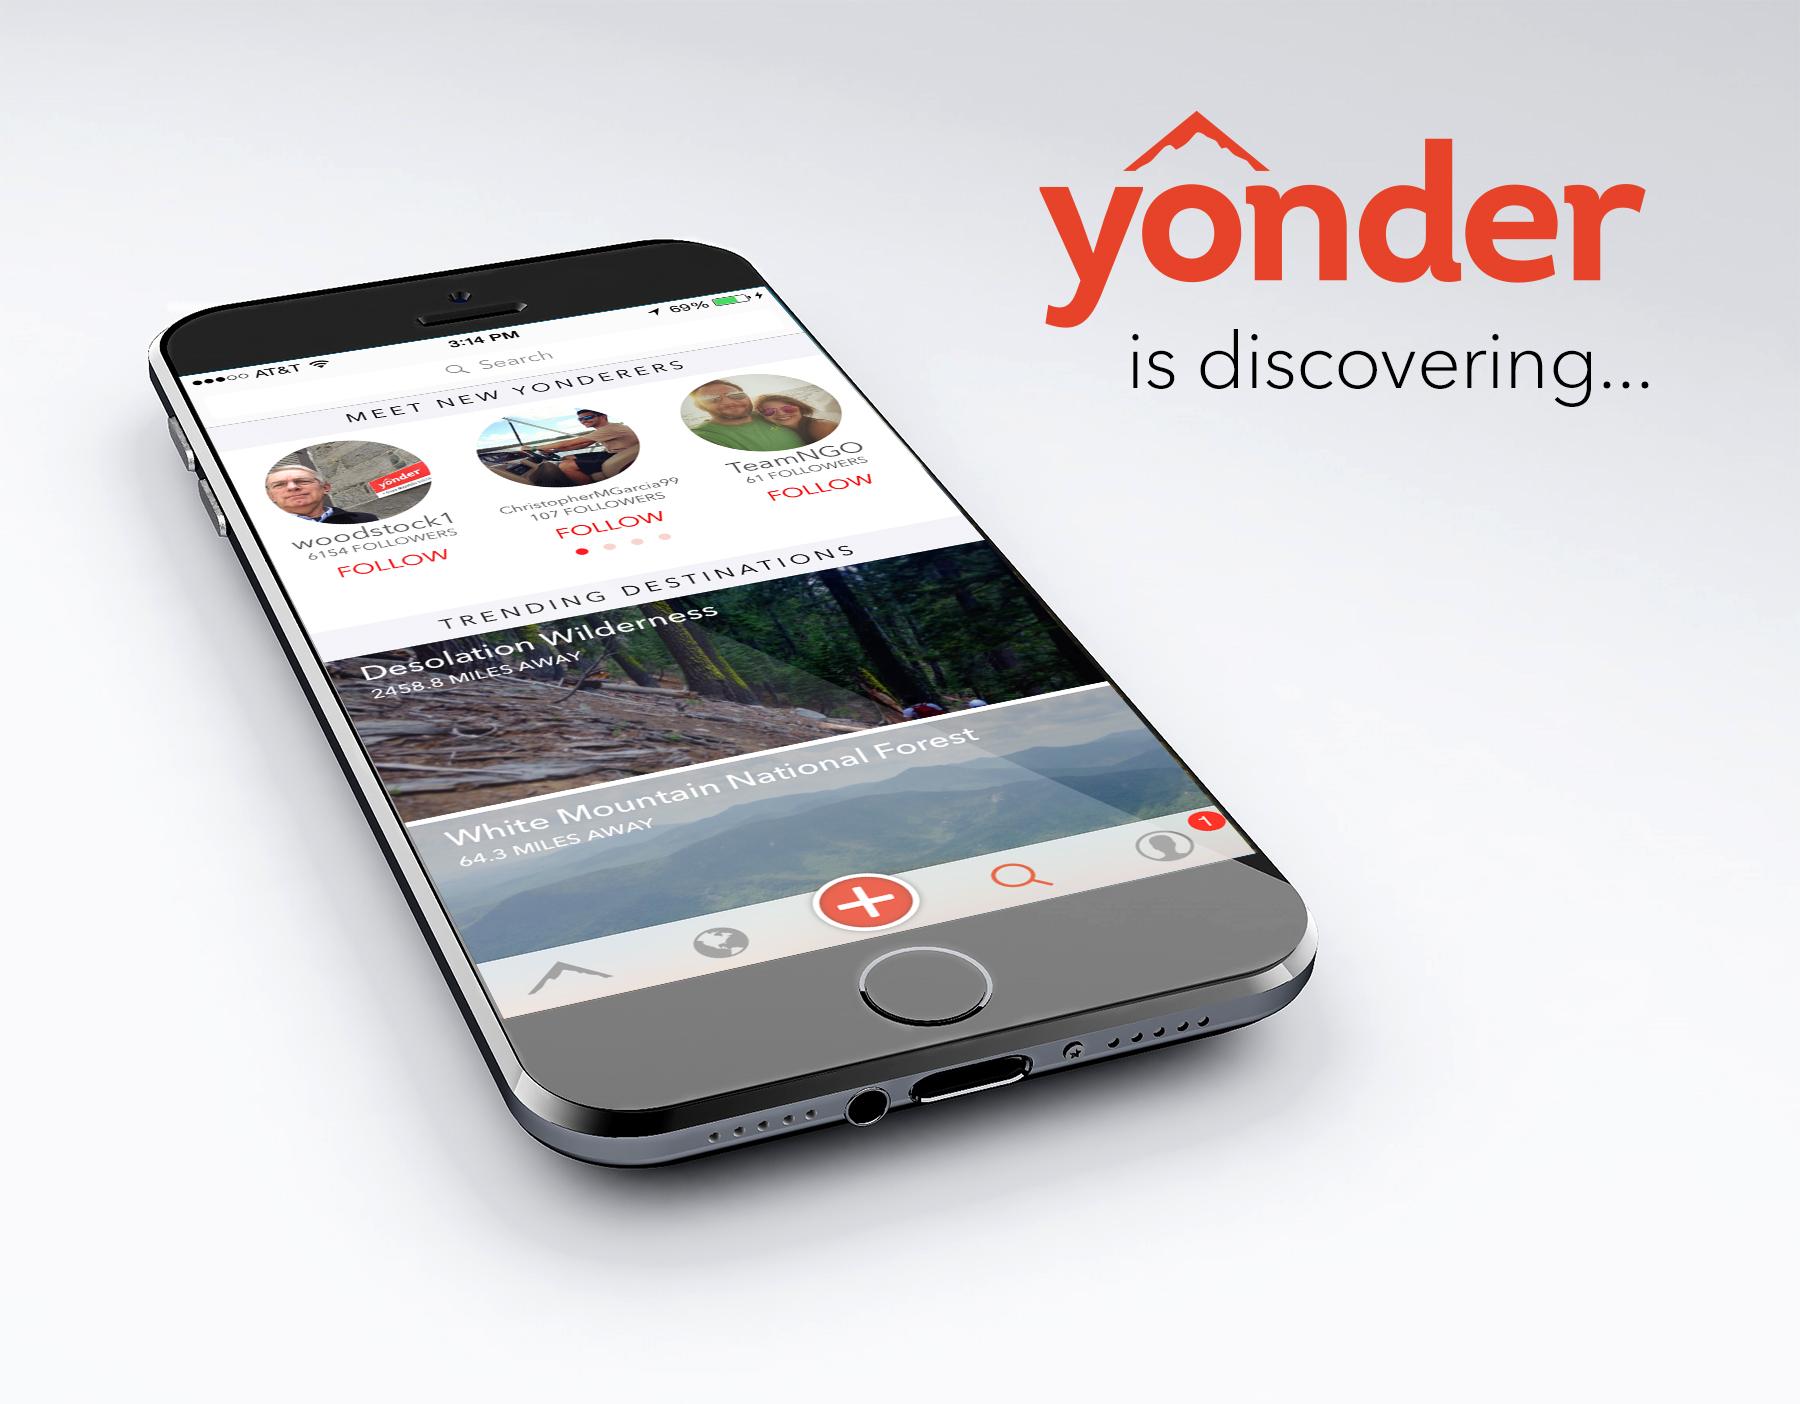 iPhone6_Yonder.jpg